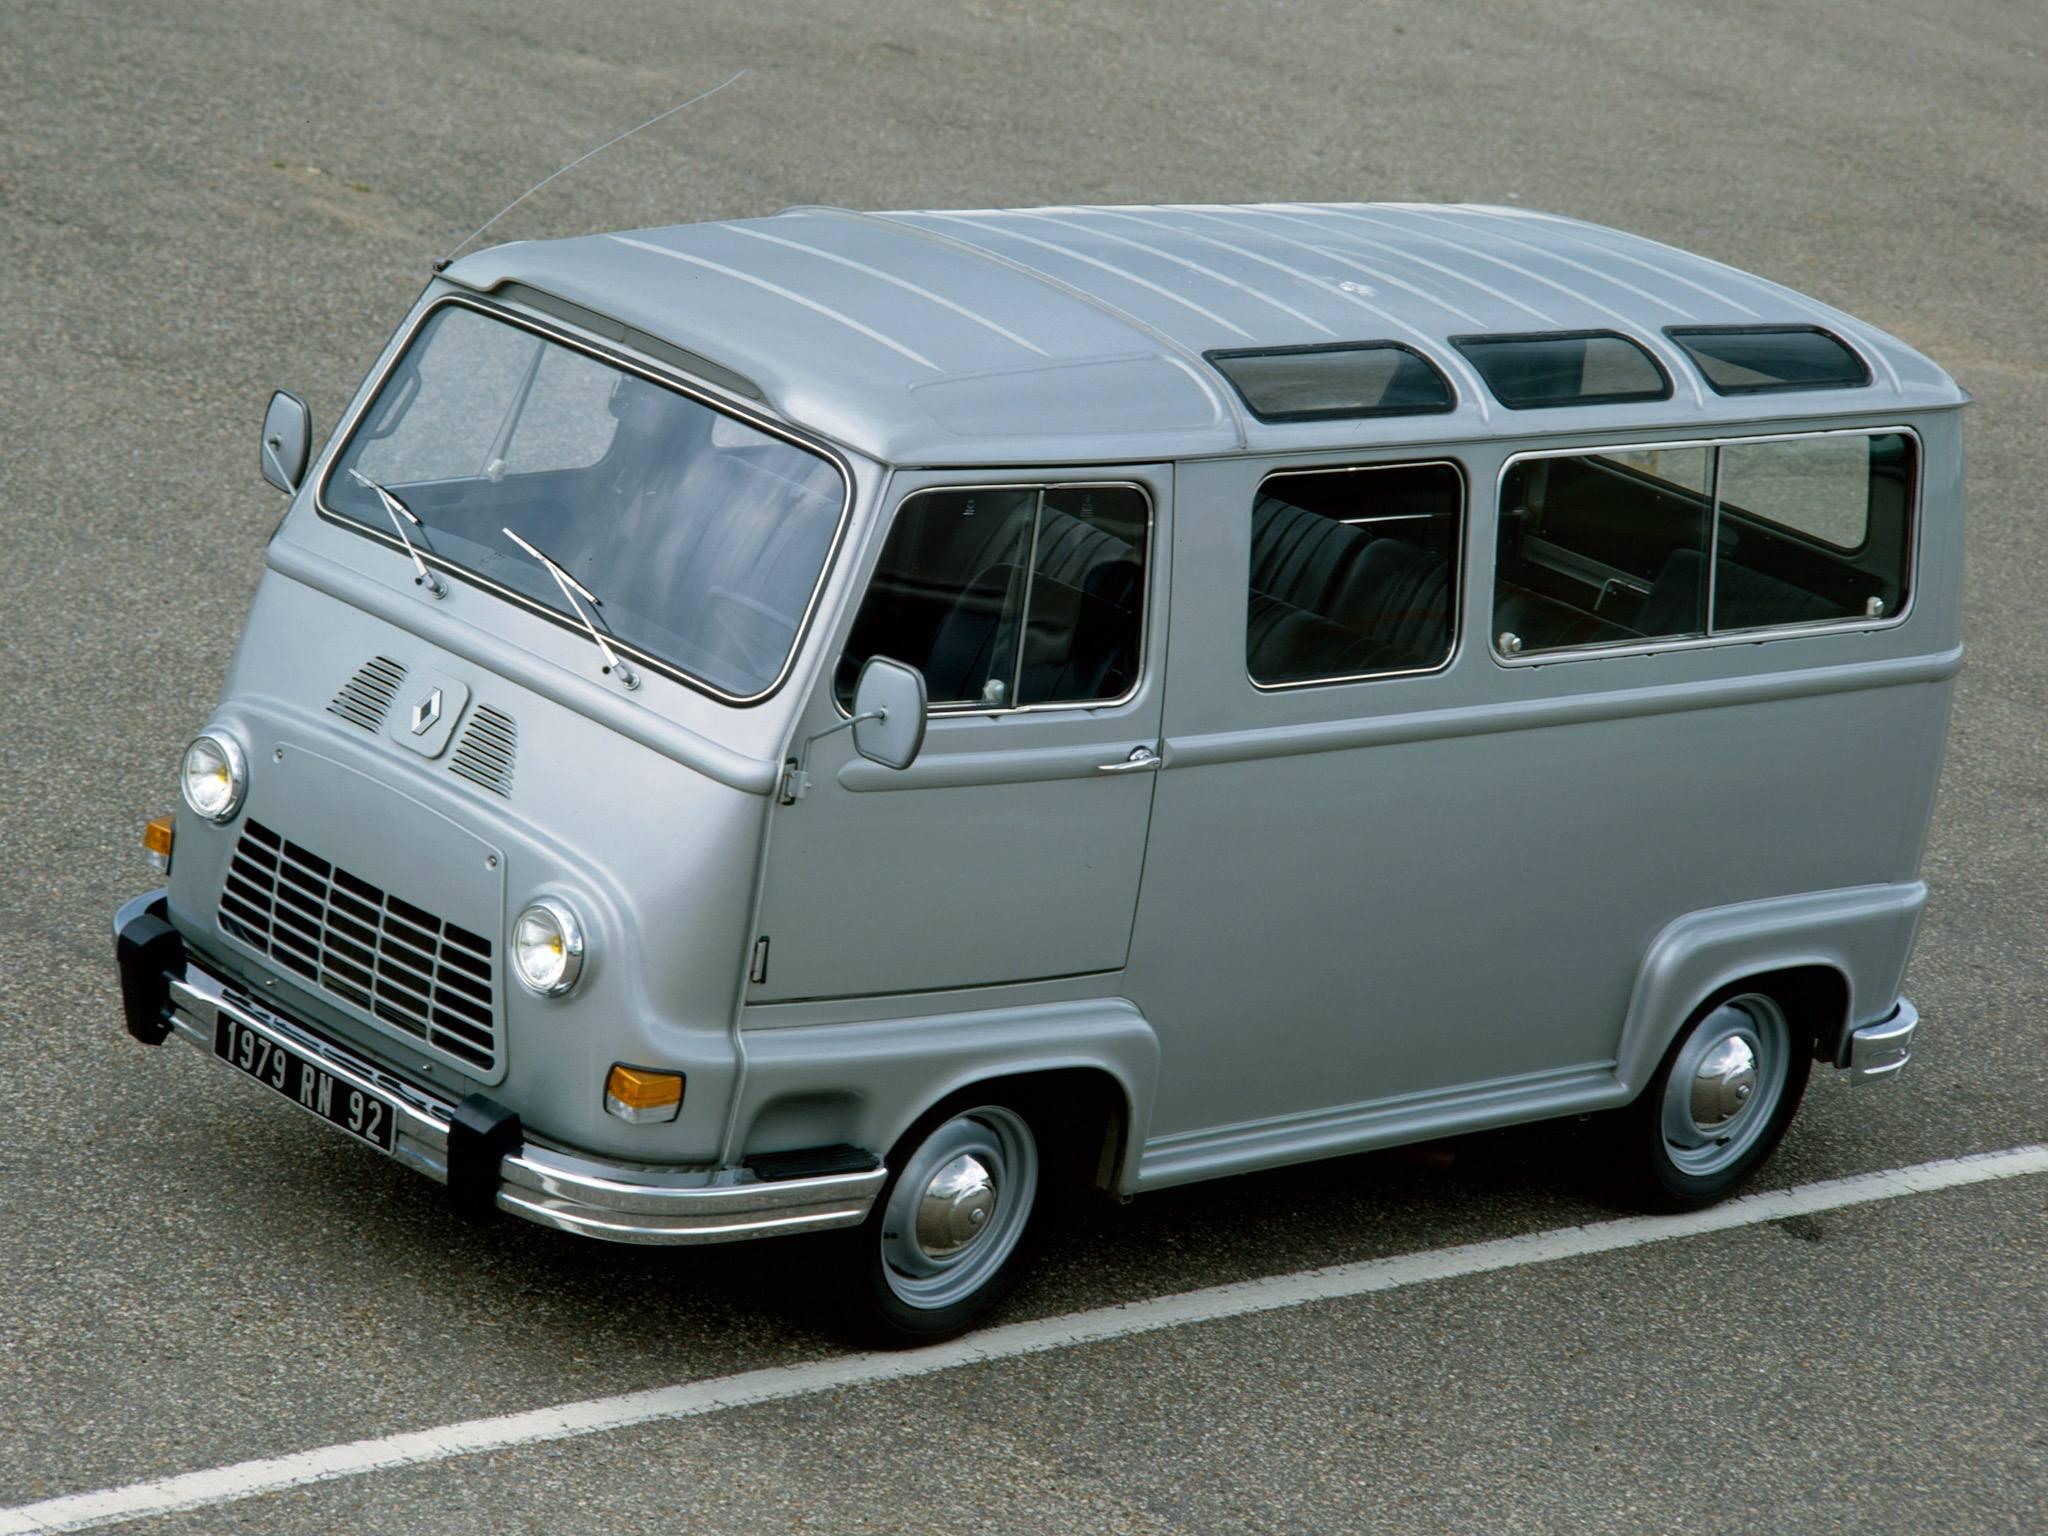 Renault-Estafette-de-Luxe--R2136--1969-72--1289-CC-43-CH-sae-2